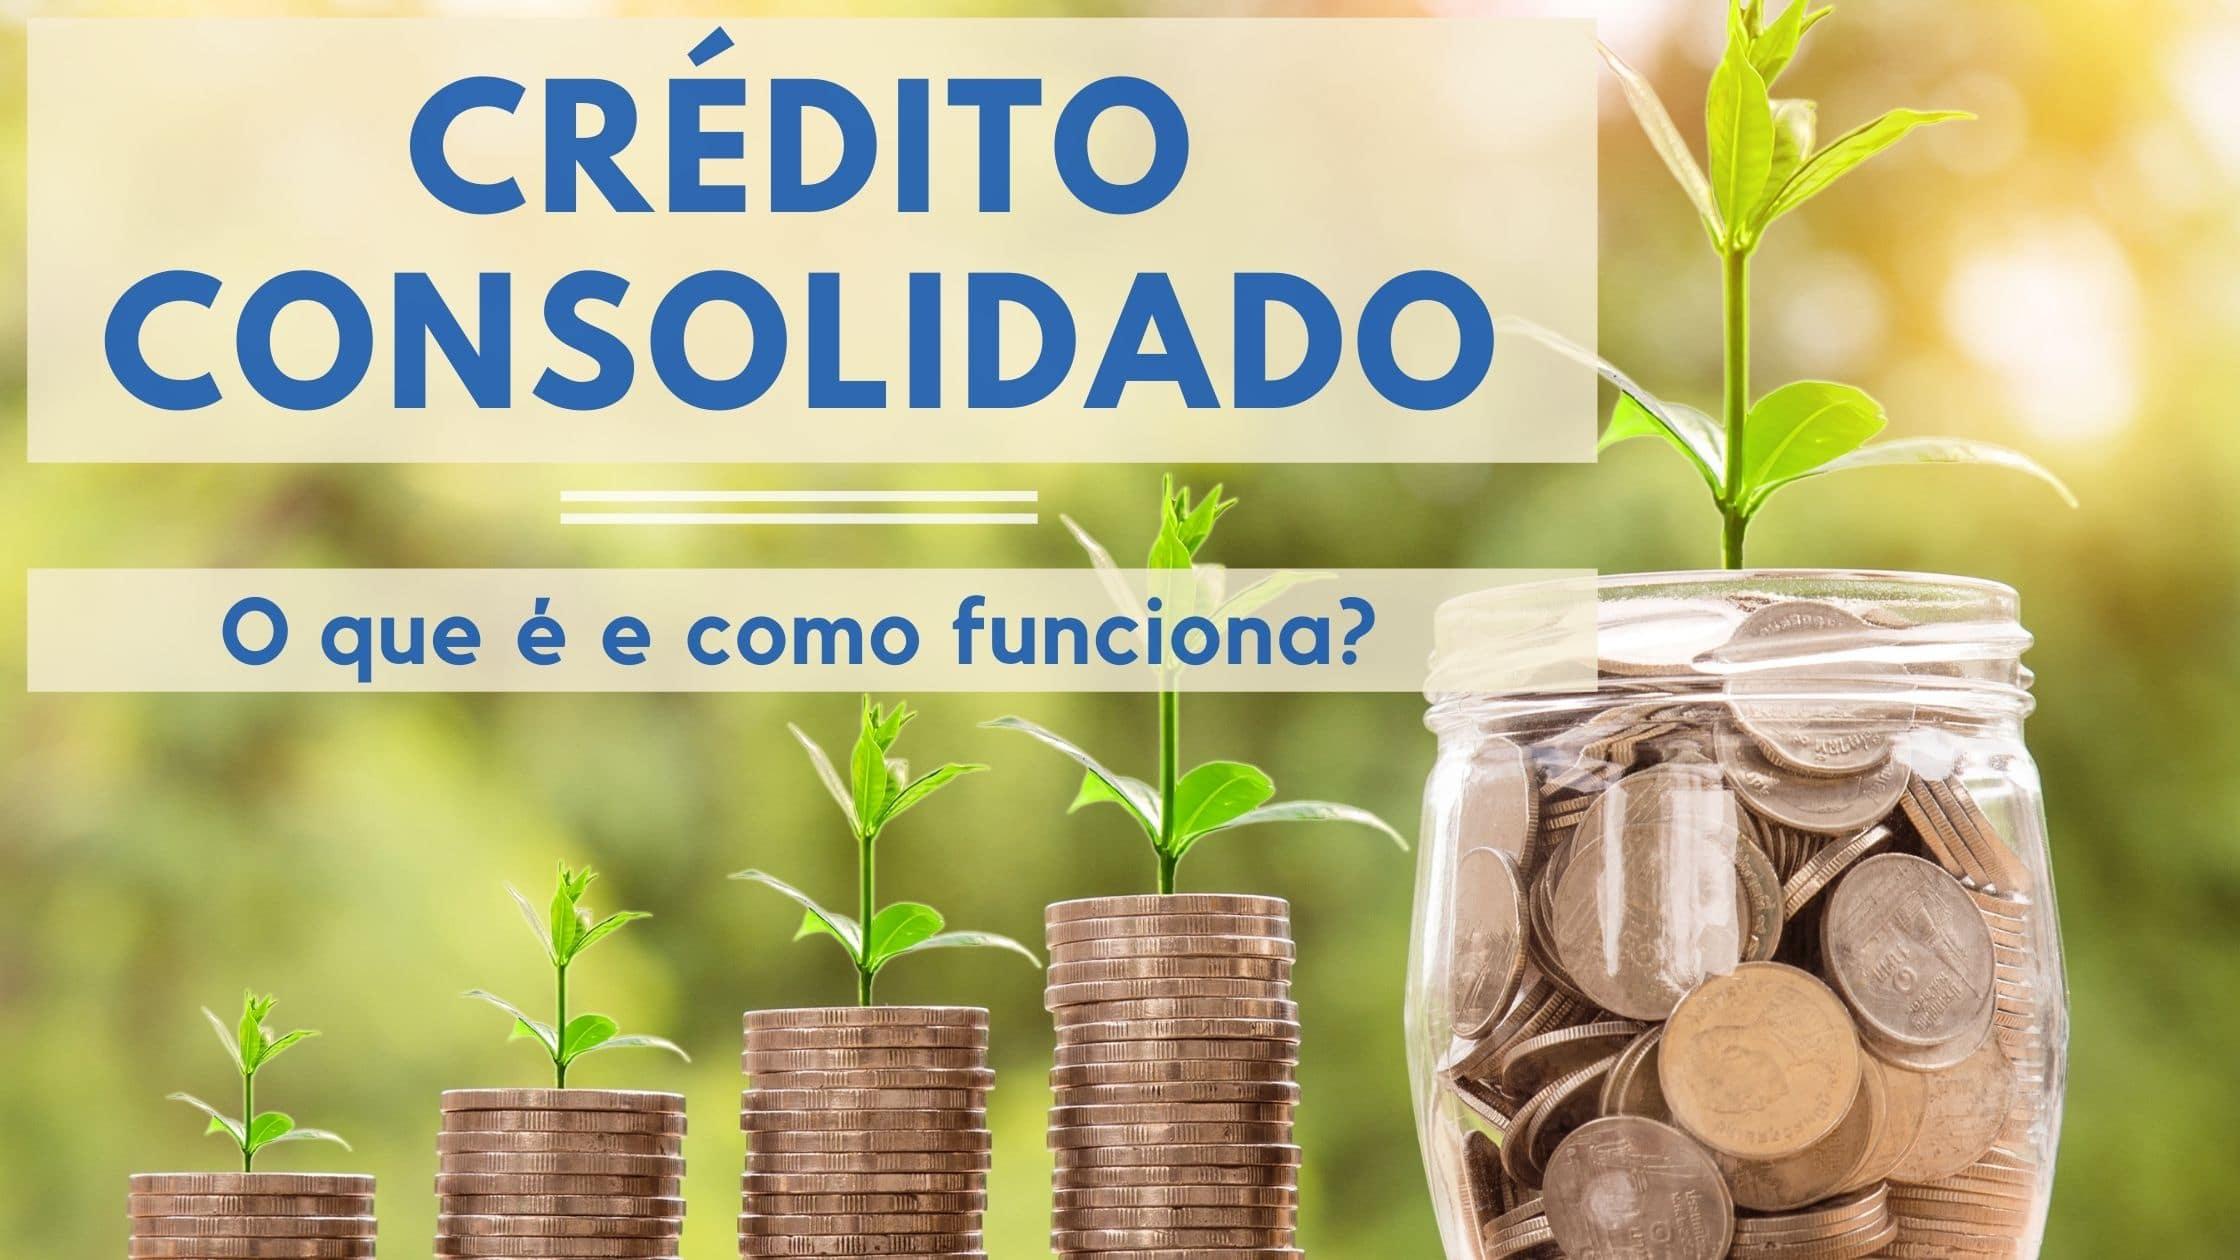 Crédito consolidado o que é?